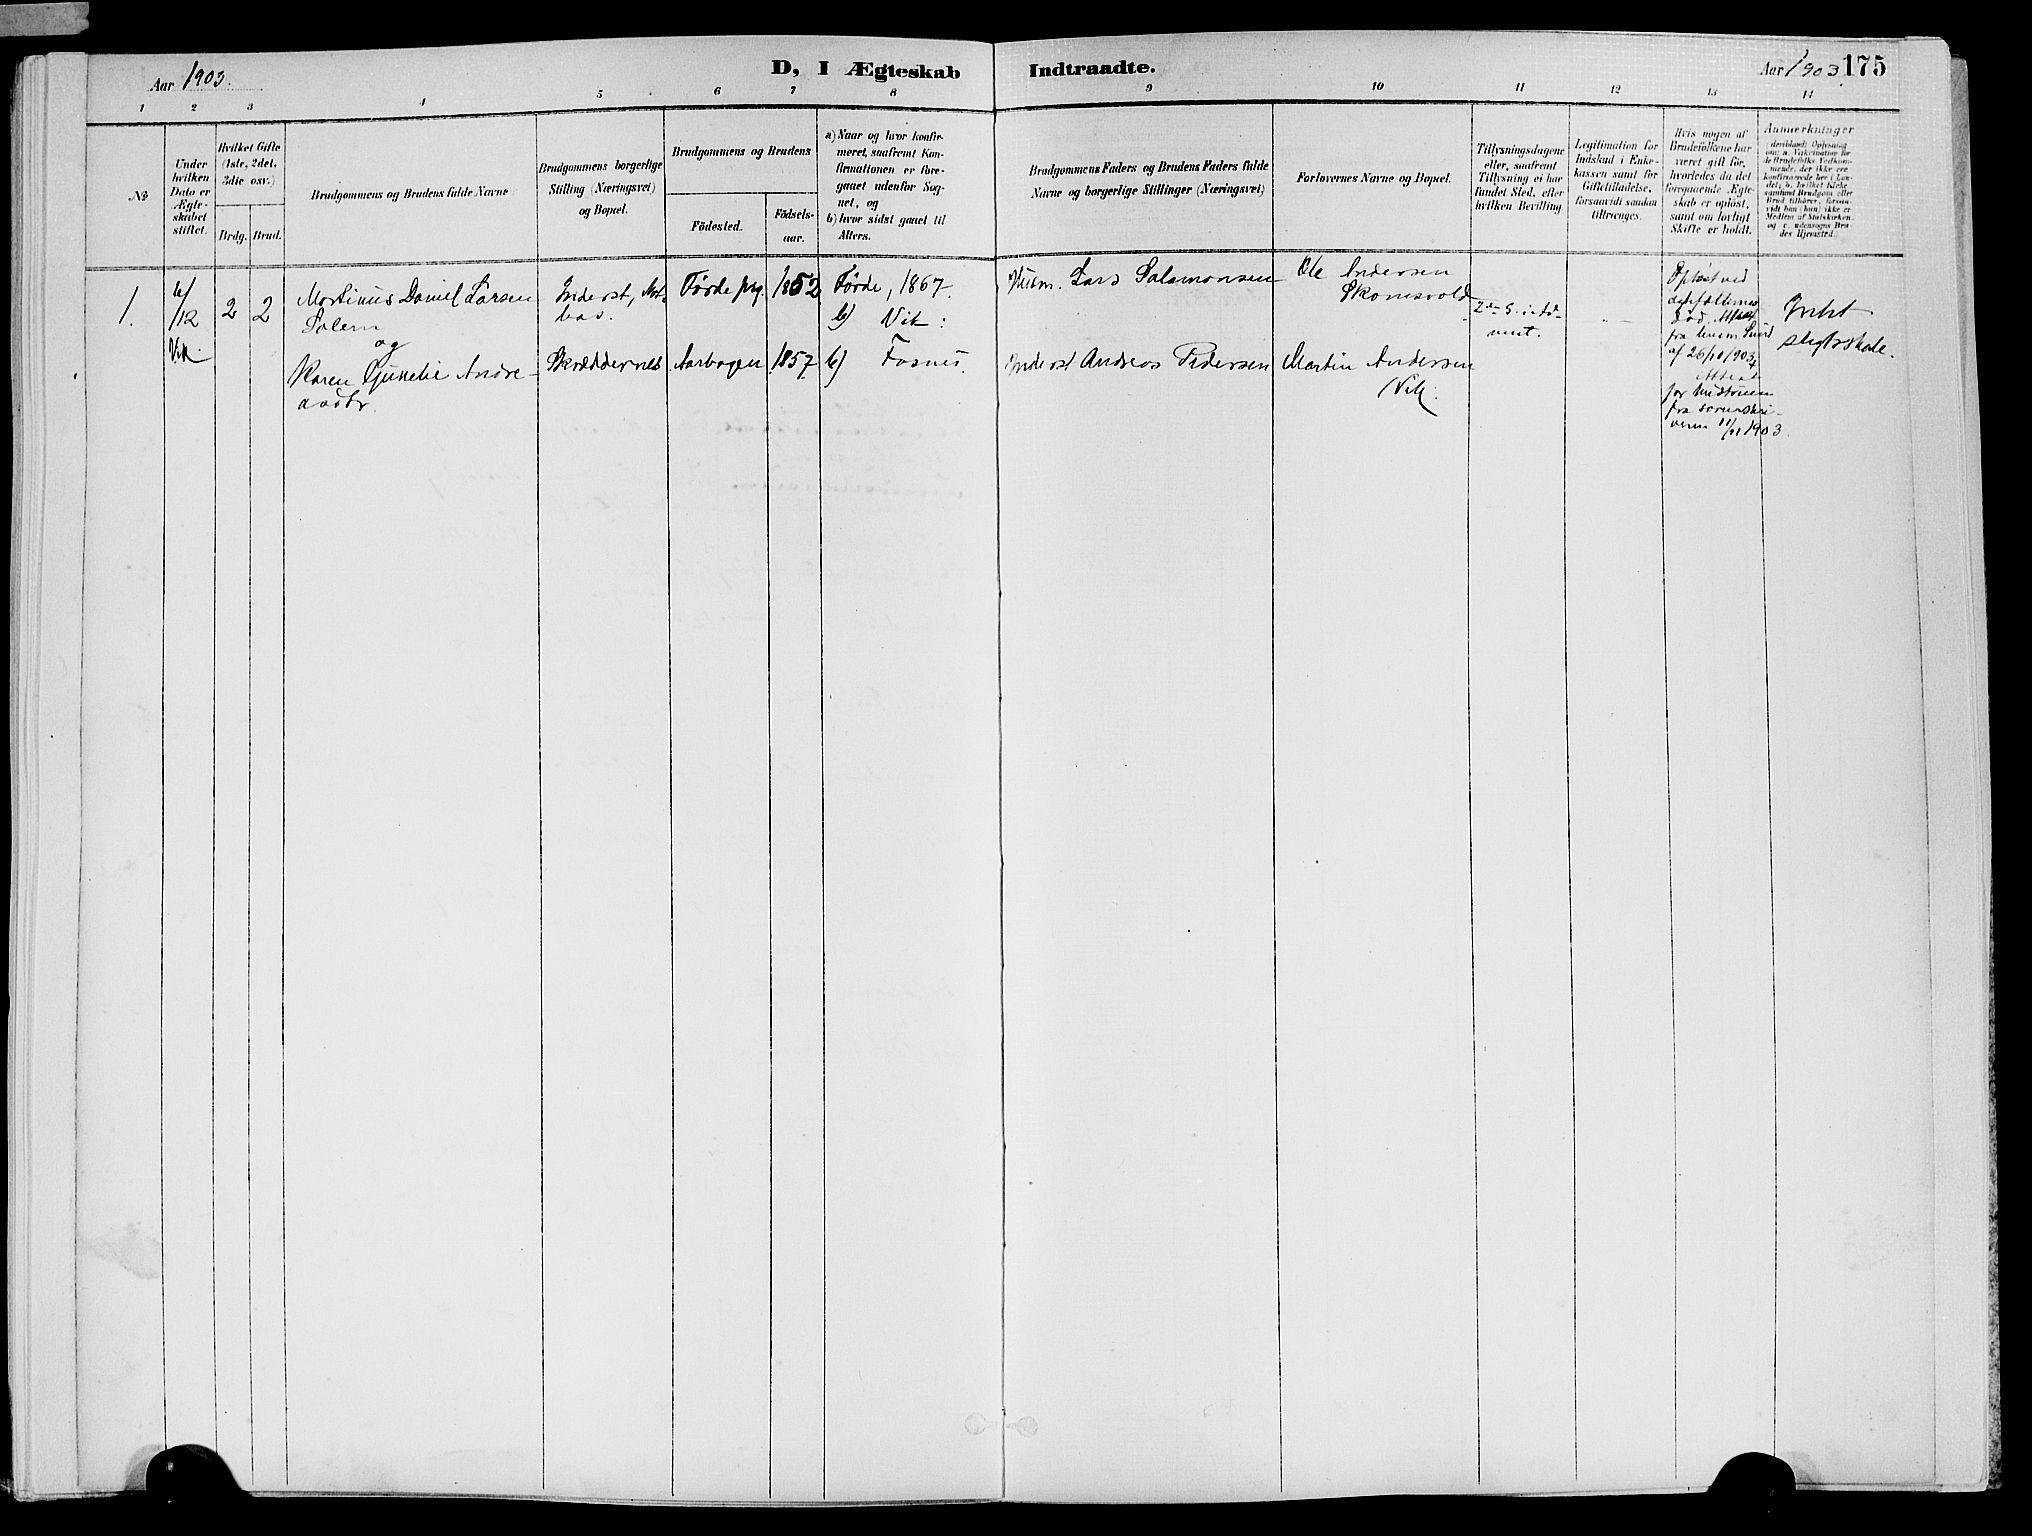 SAT, Ministerialprotokoller, klokkerbøker og fødselsregistre - Nord-Trøndelag, 773/L0617: Ministerialbok nr. 773A08, 1887-1910, s. 175